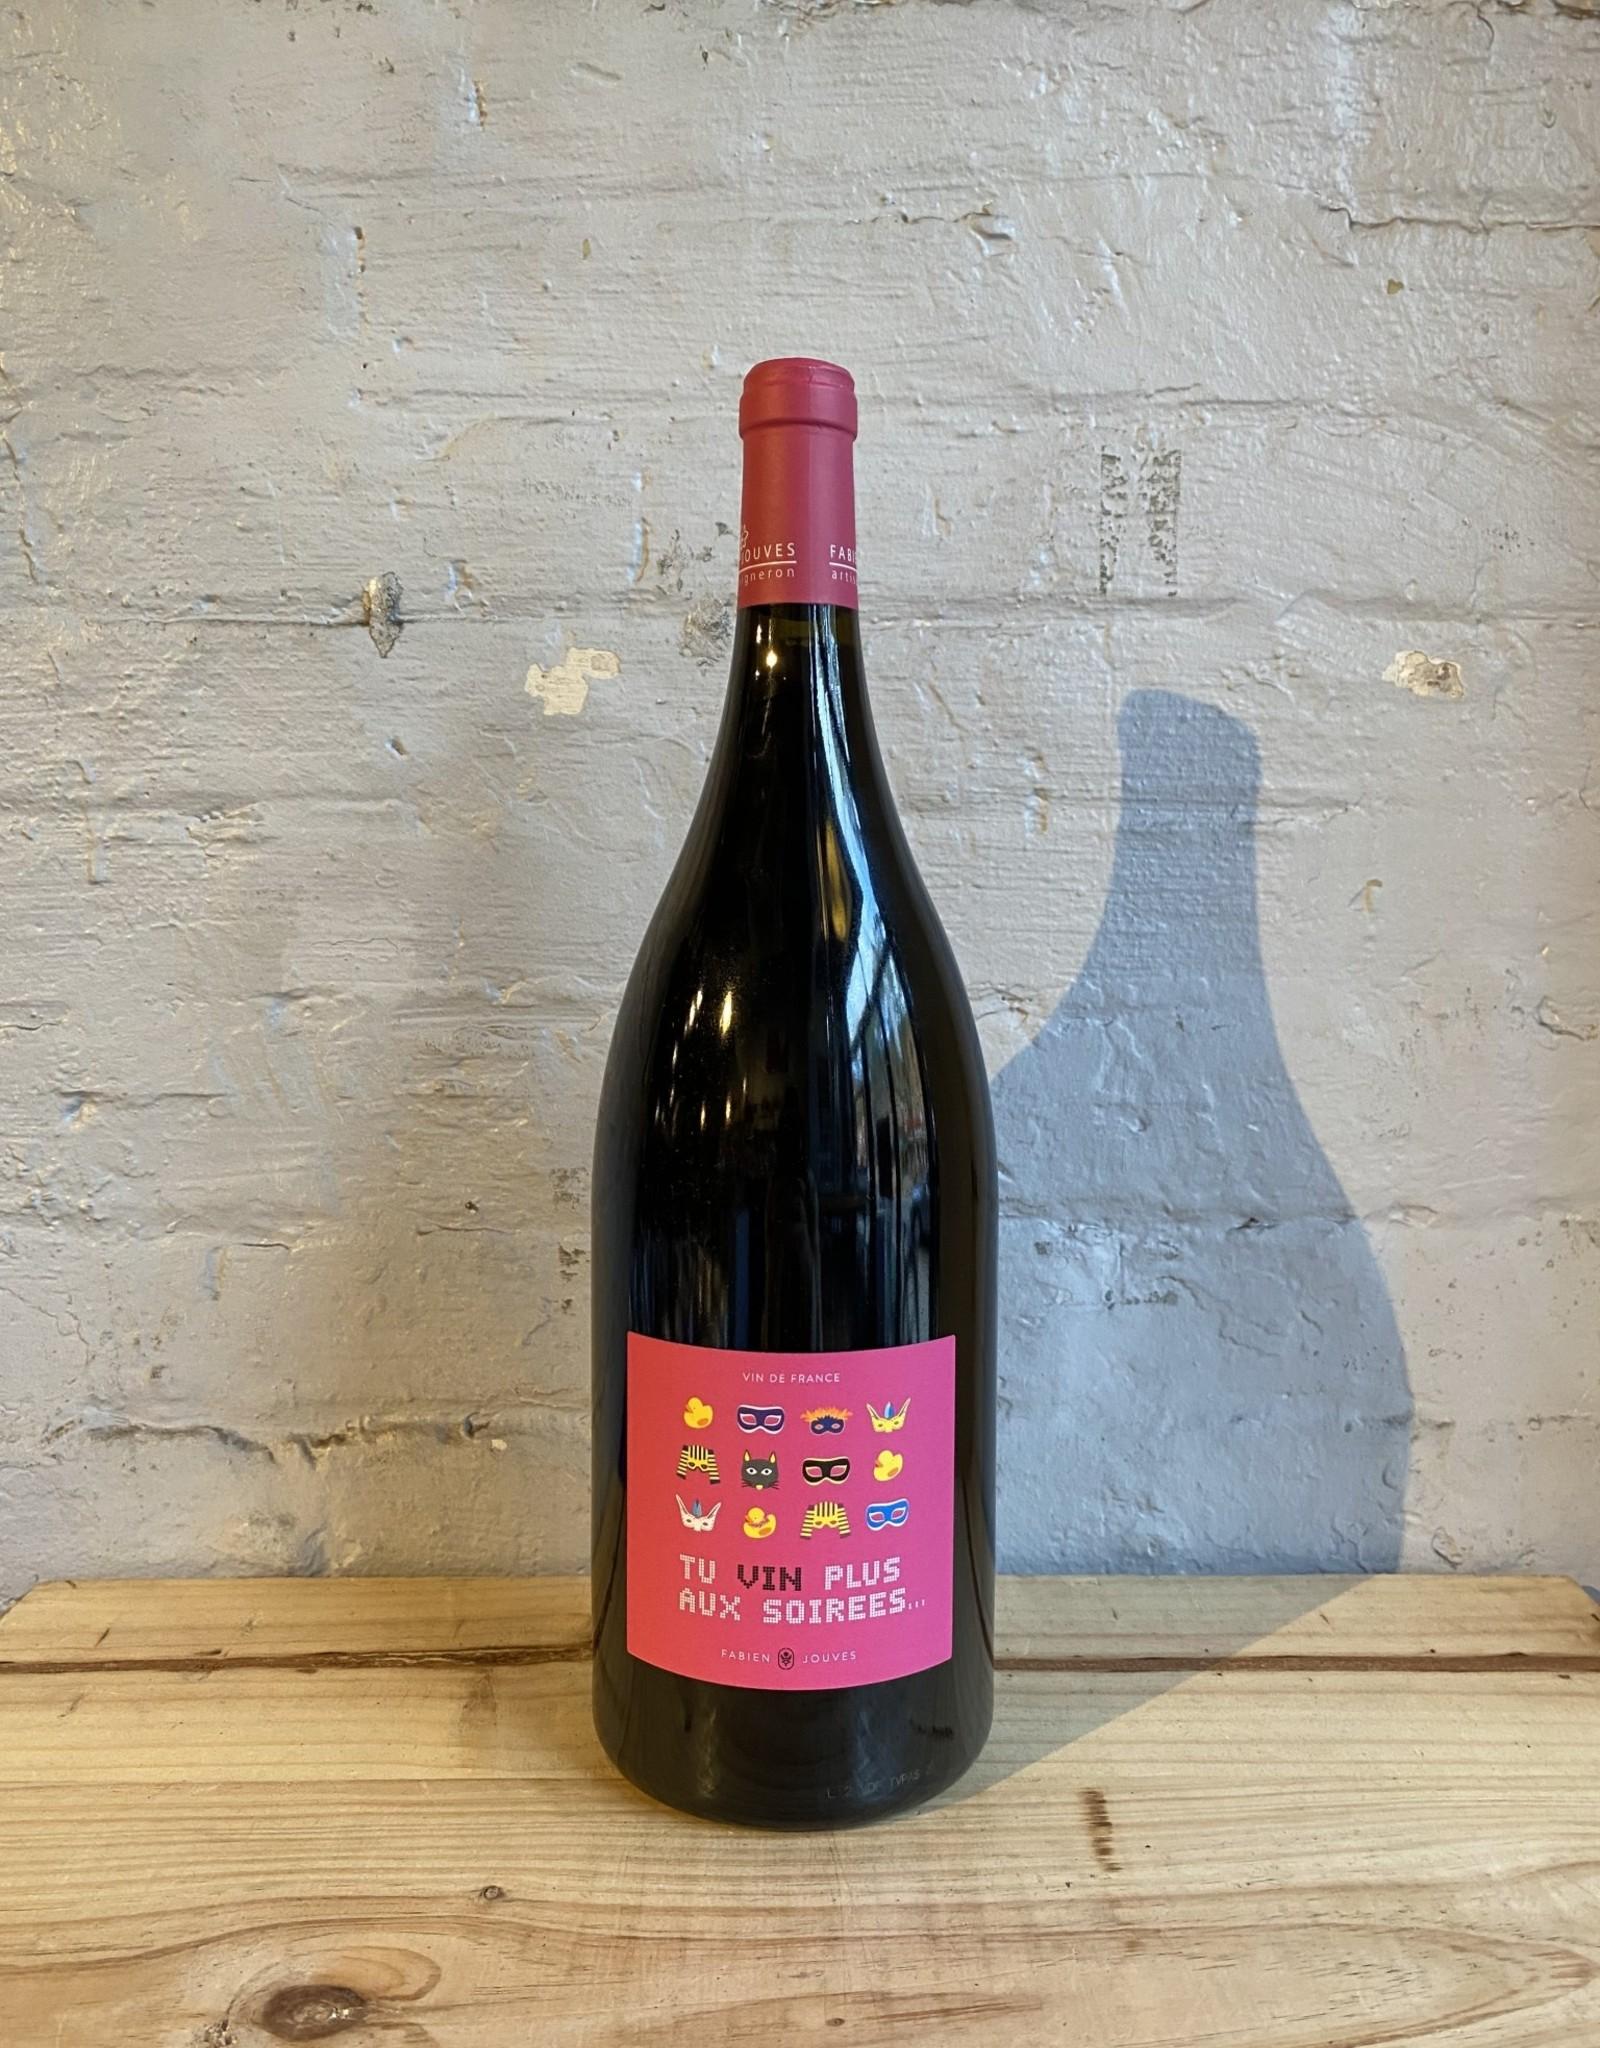 Wine 2020 Fabien Jouves Tu Vin Plus Aux Soirees - Southwest France, France (1.5Ltr Magnum)